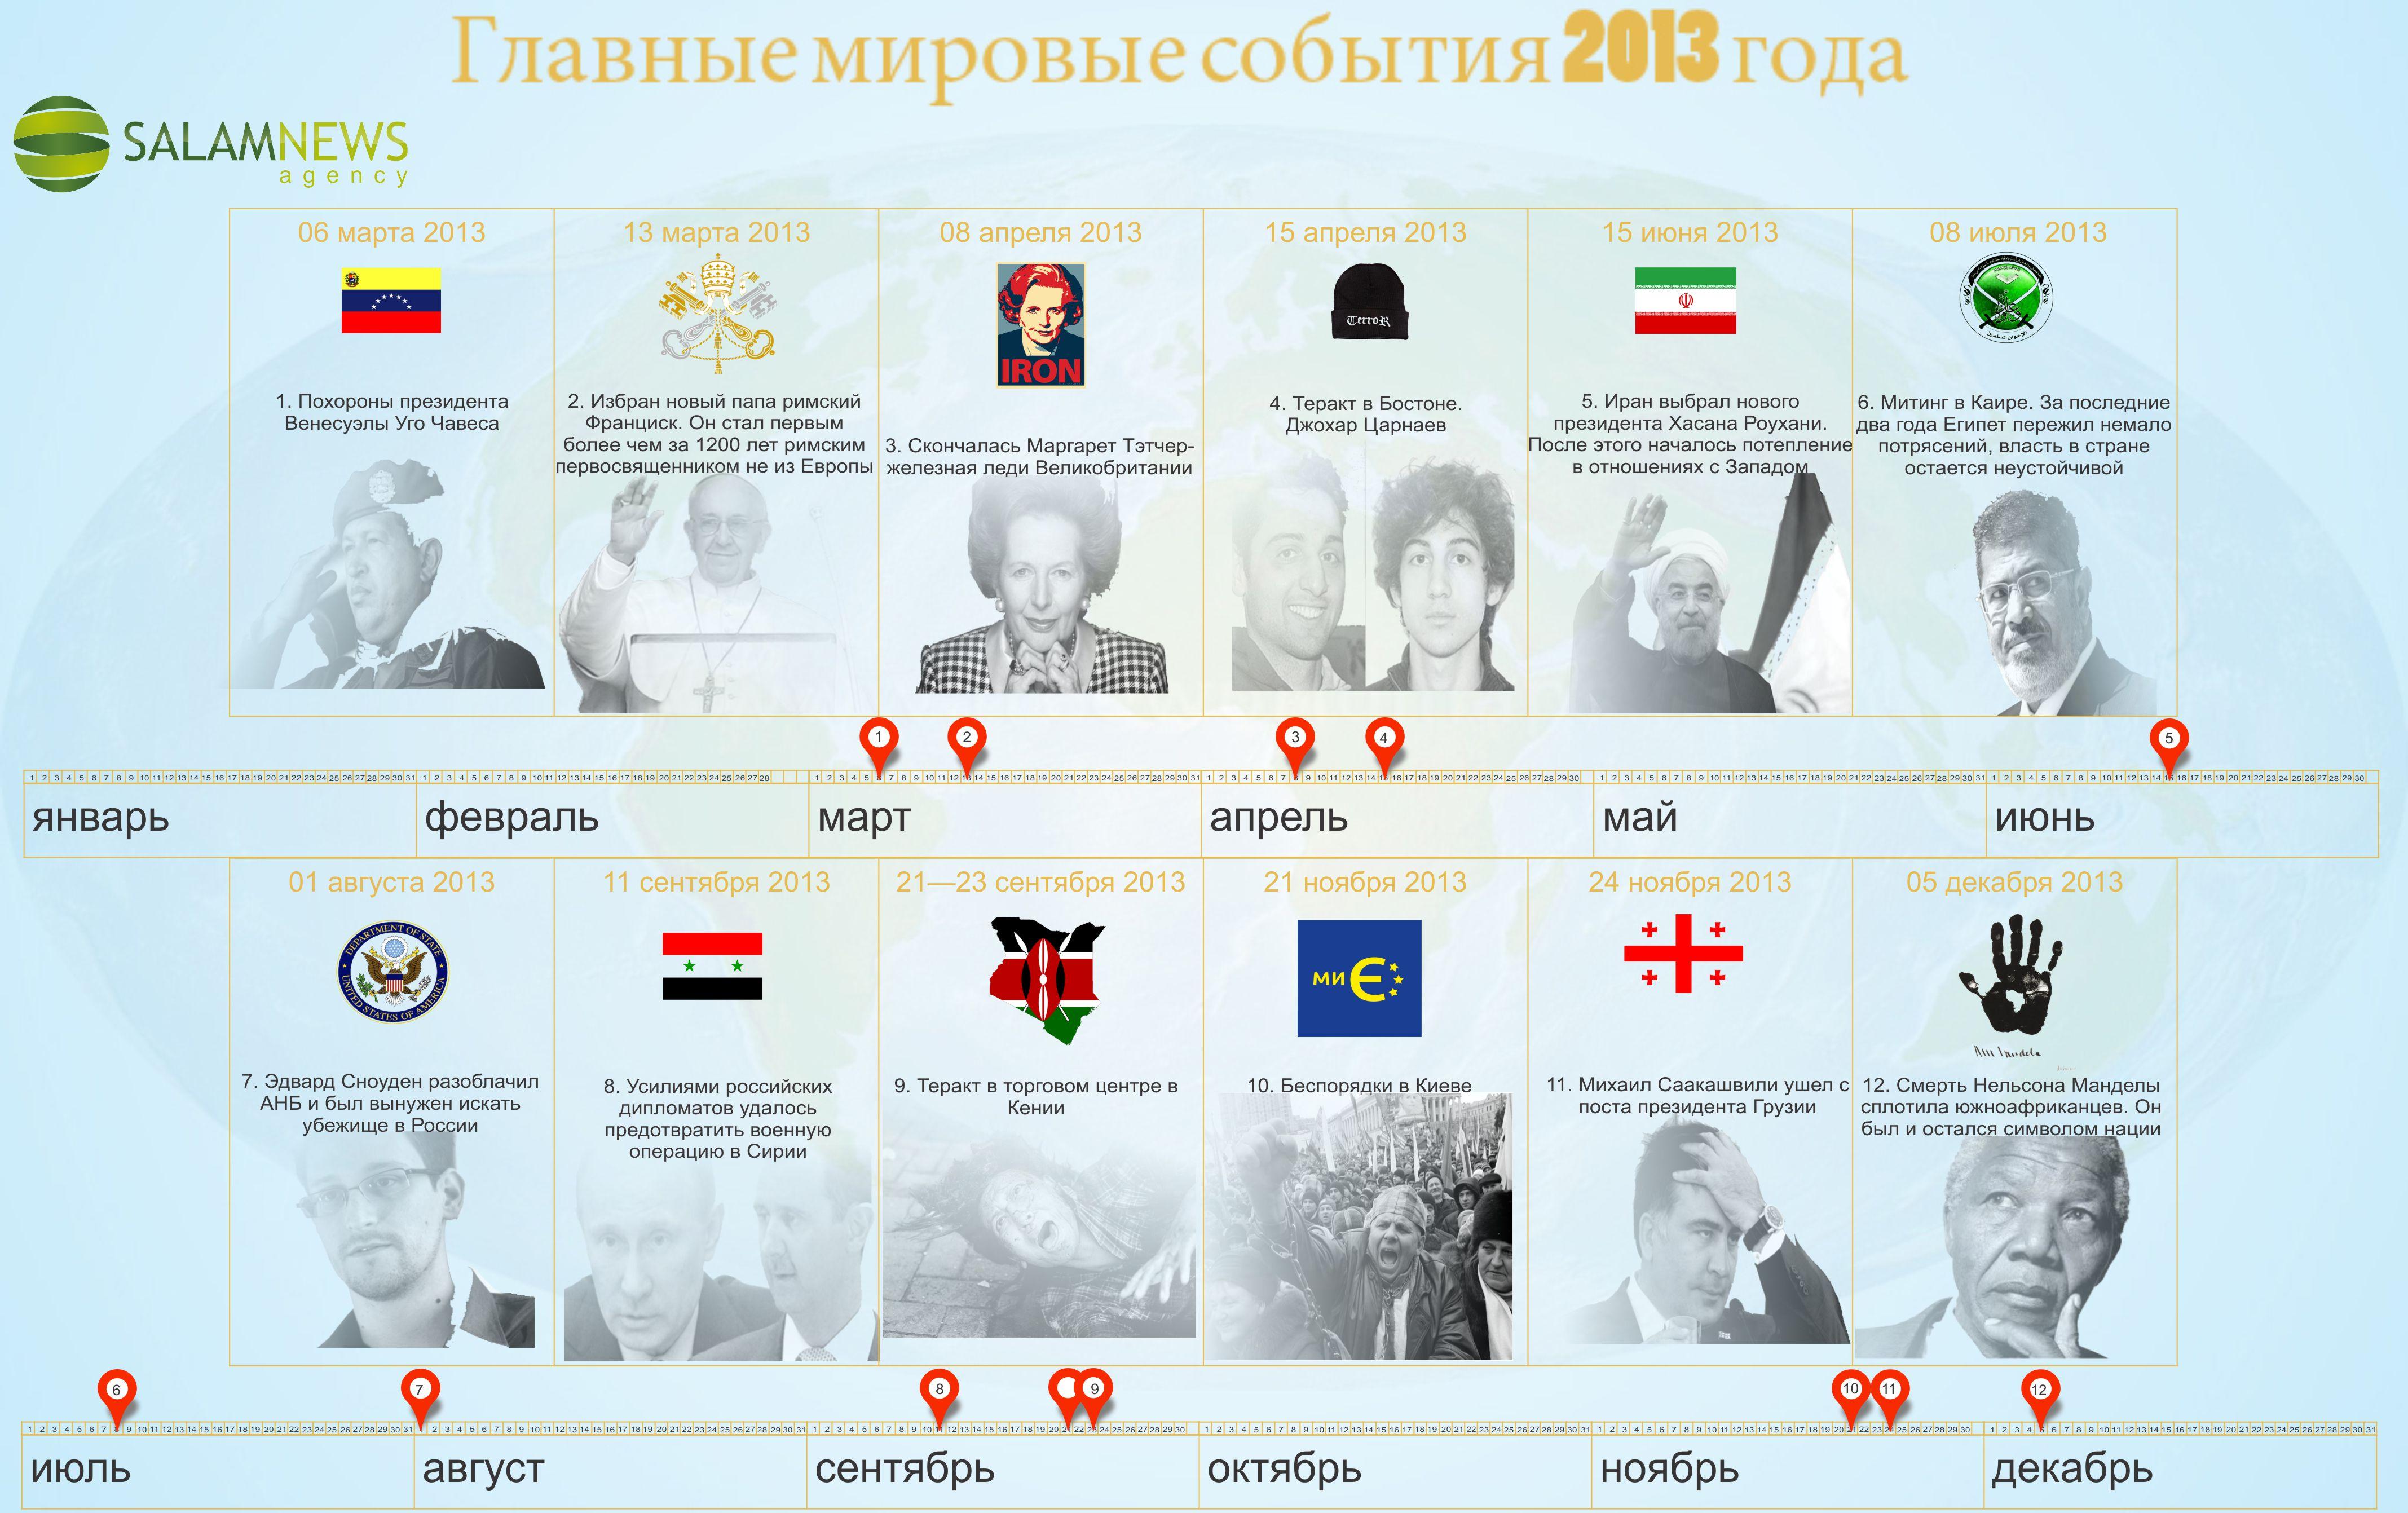 Главные мировые события 2013 года